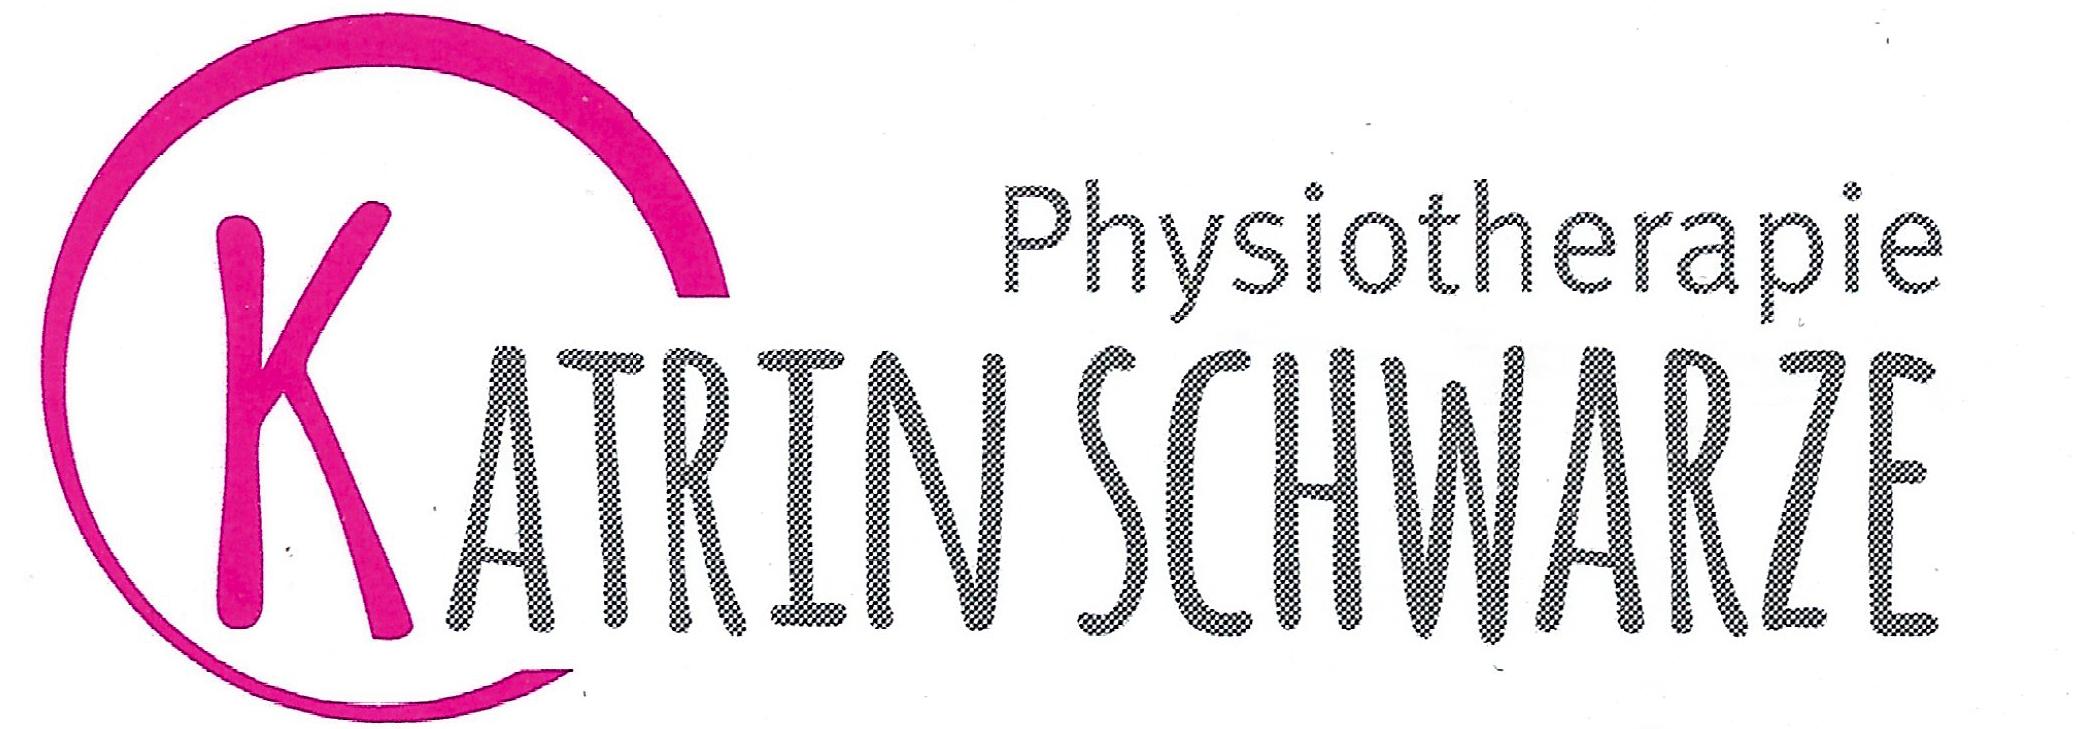 Katrin Schwarze Physiotherapie